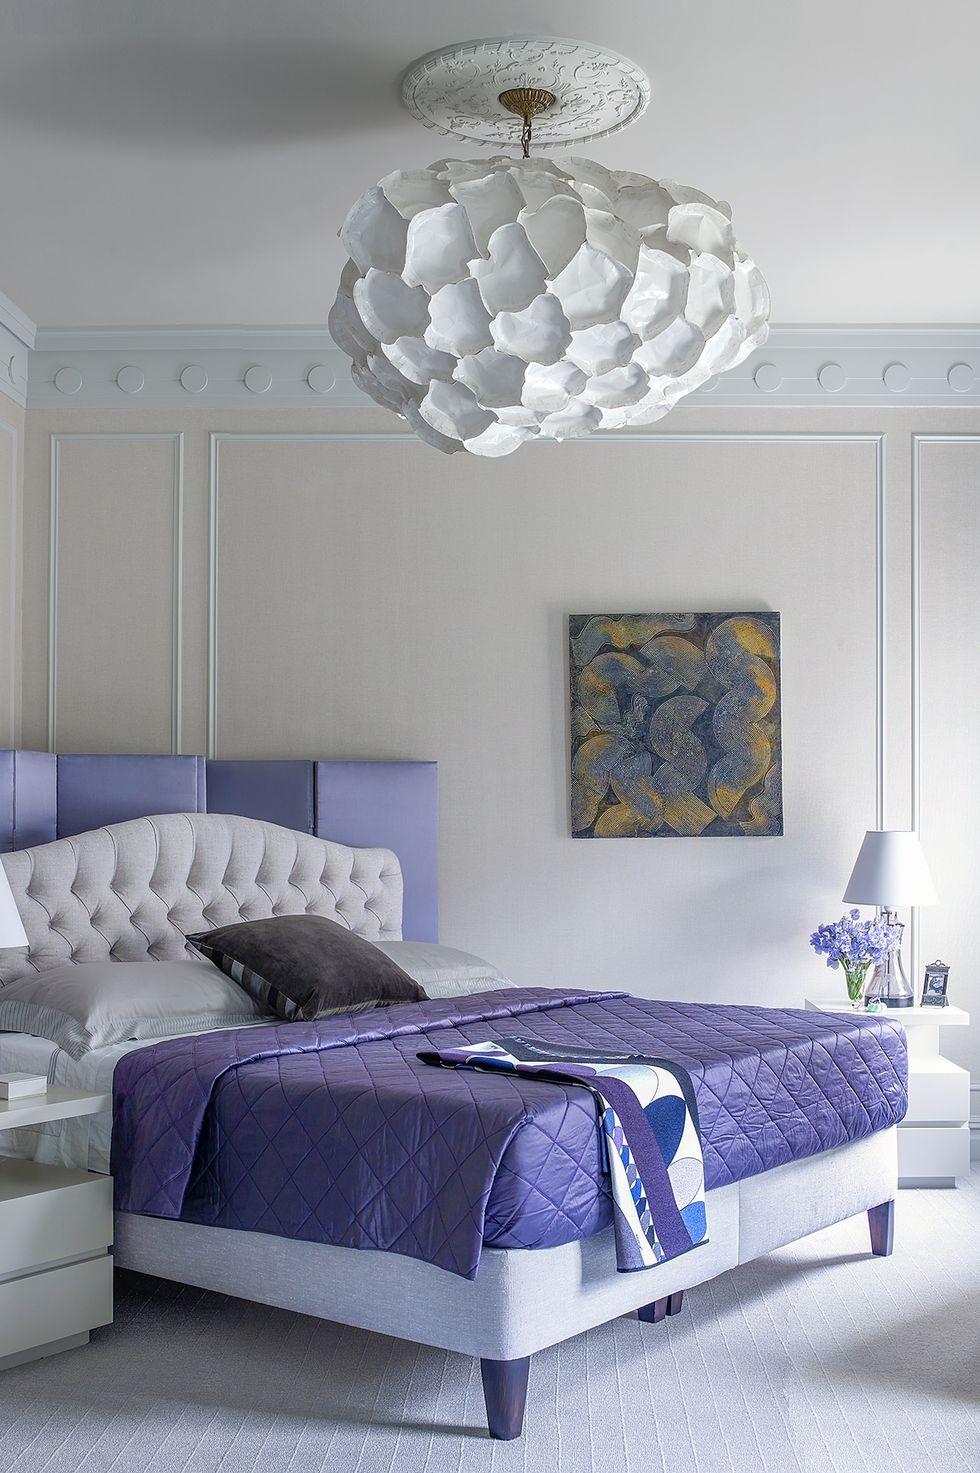 أشكال إضاءة غرف النوم - نجفة بيضاوية